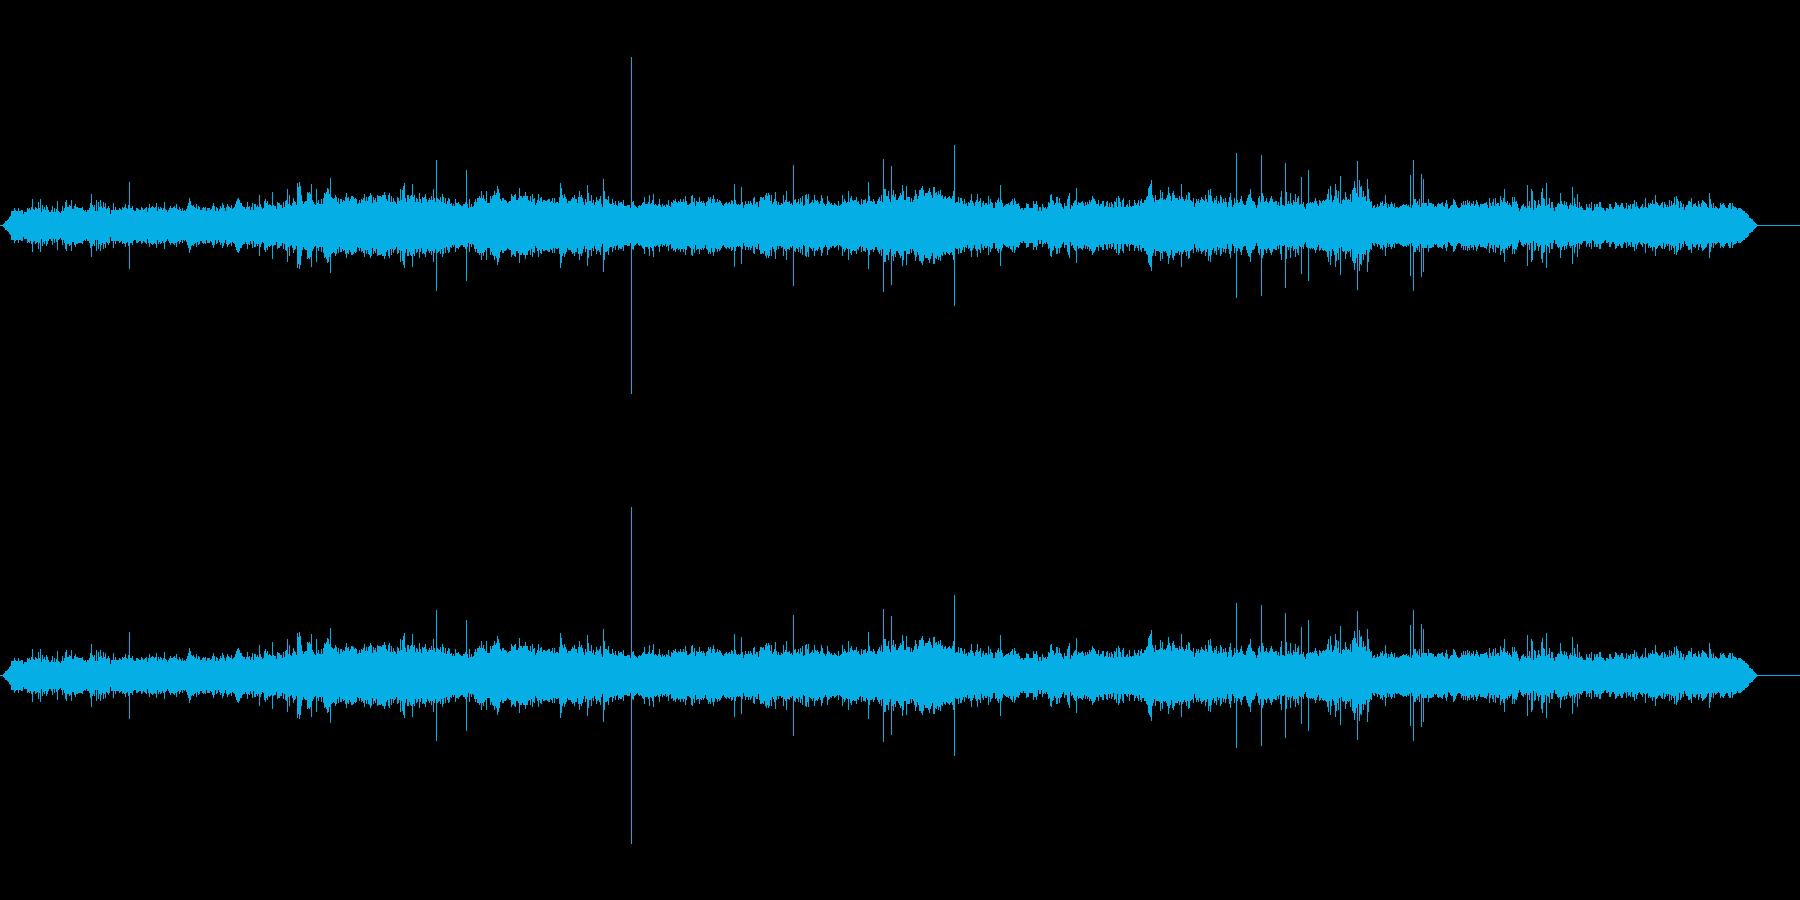 つぶやき声オフィス情報の再生済みの波形